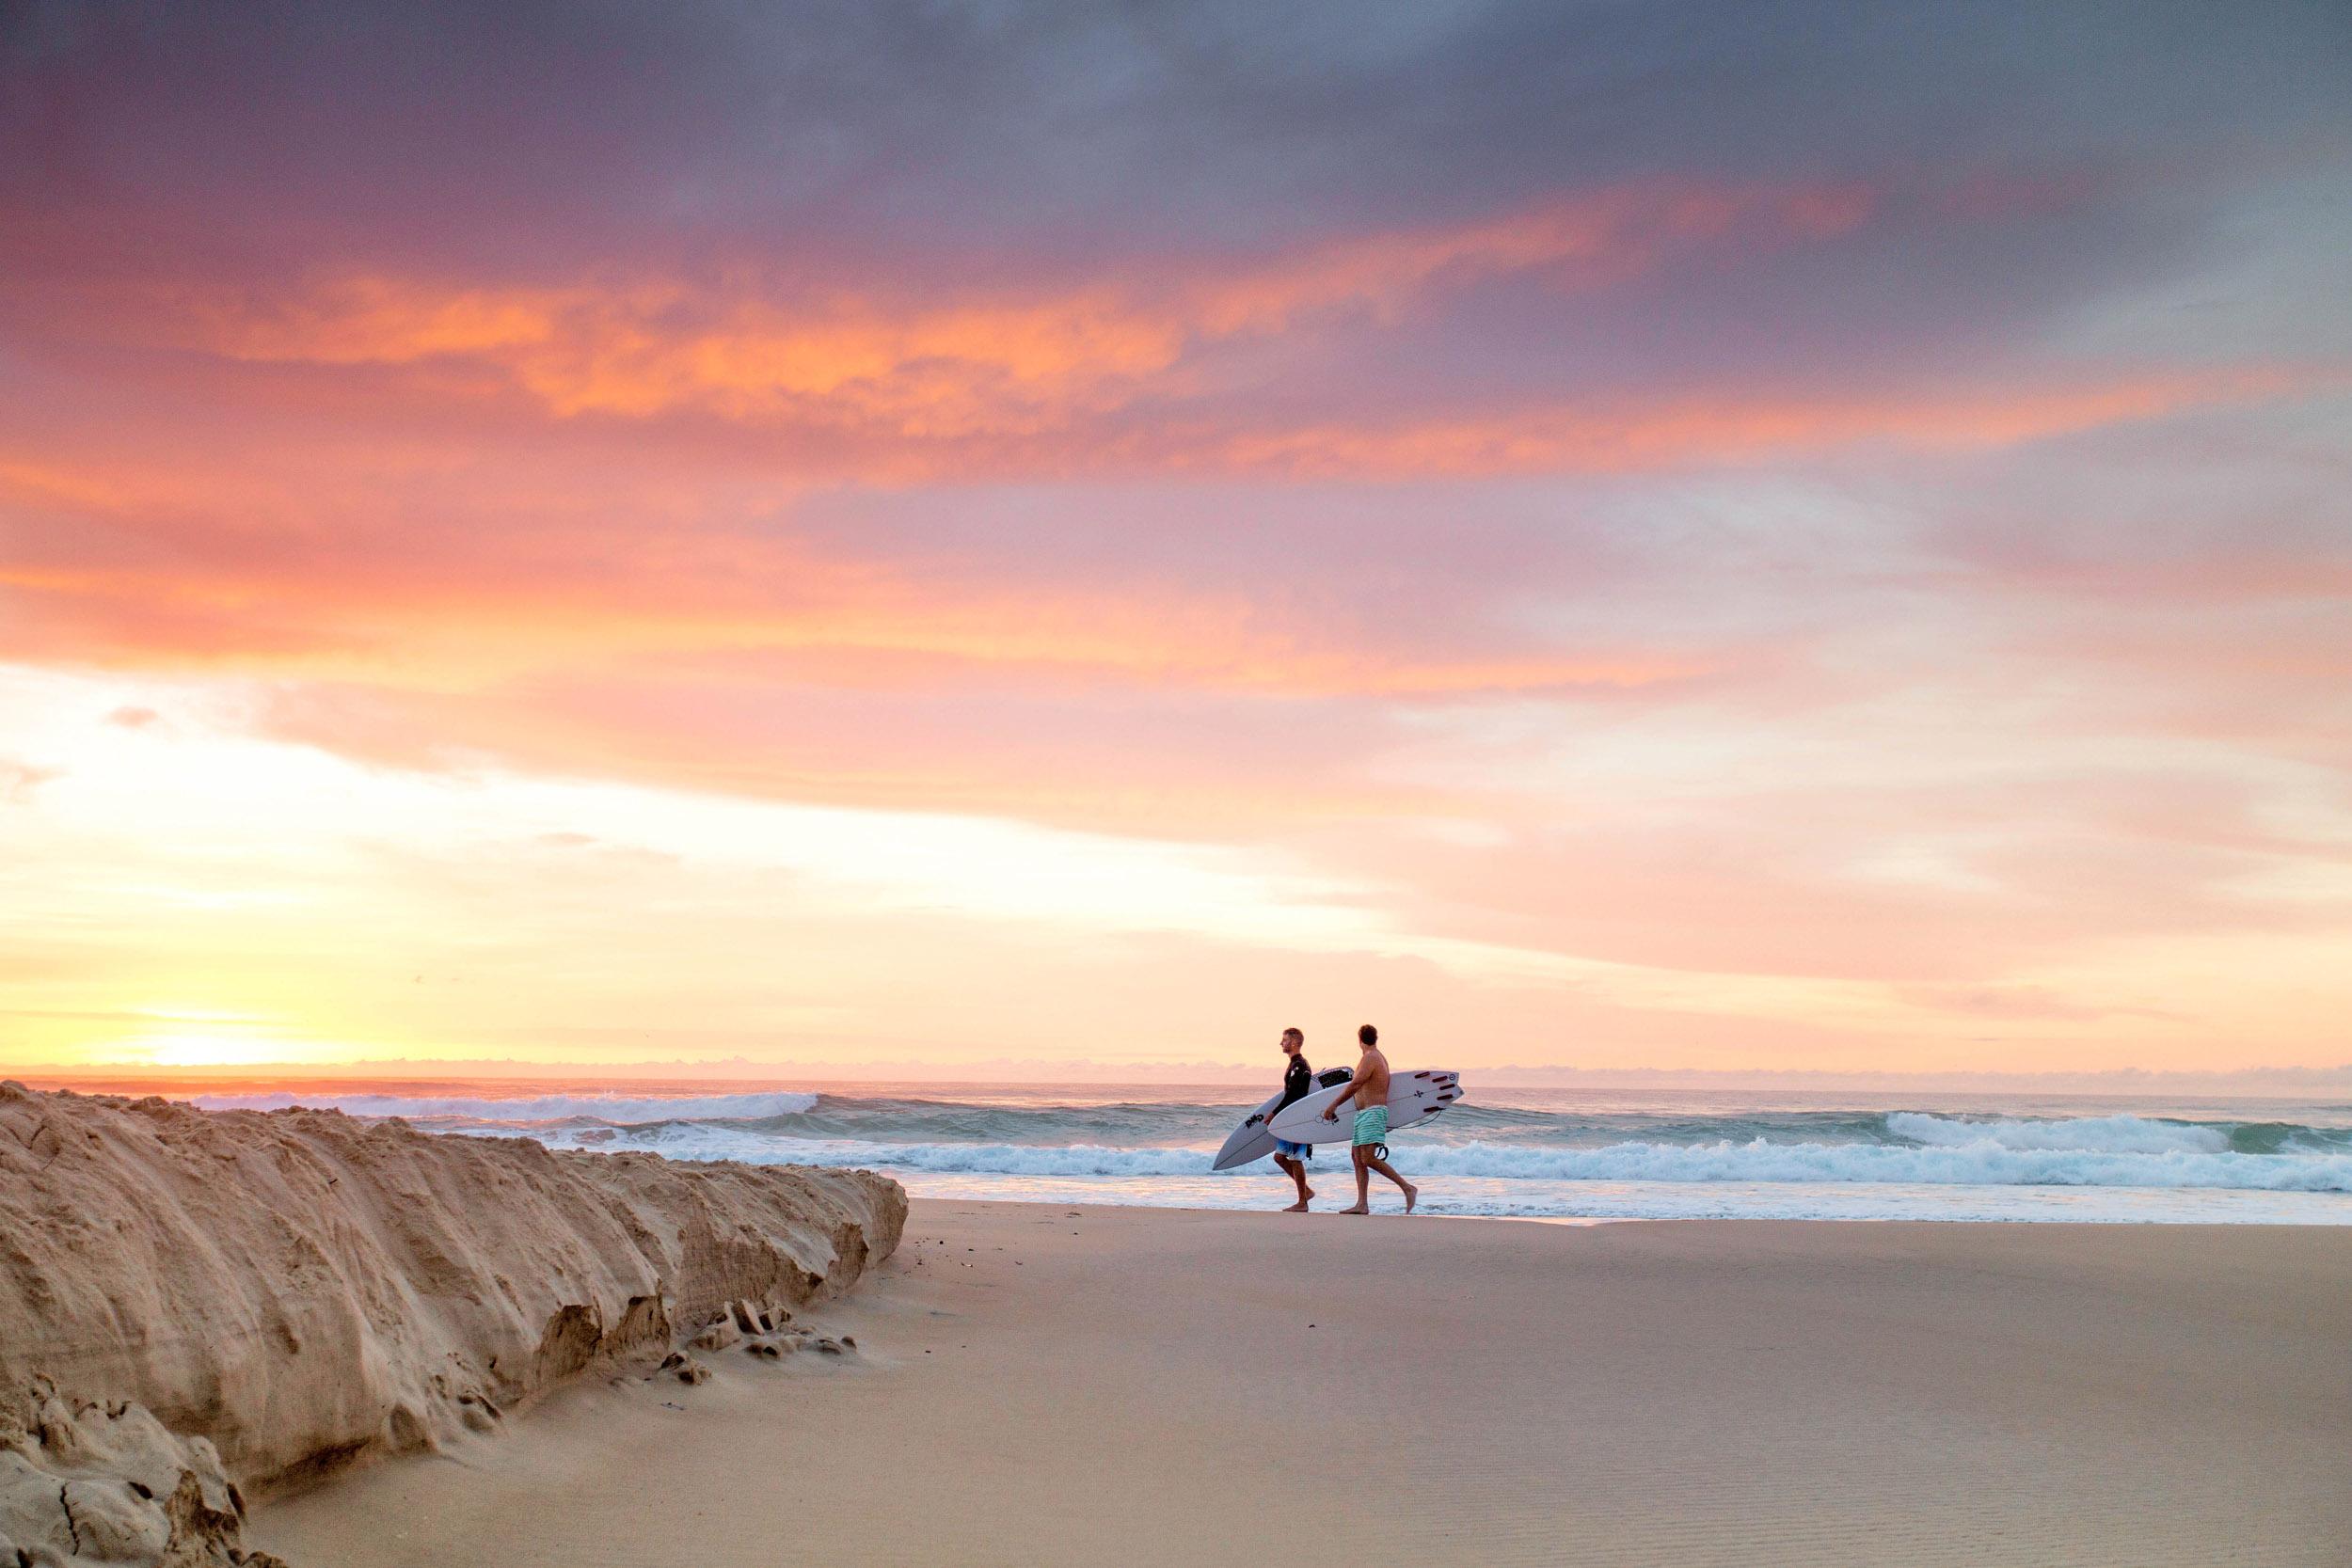 sunshine-coast-surfers.jpg